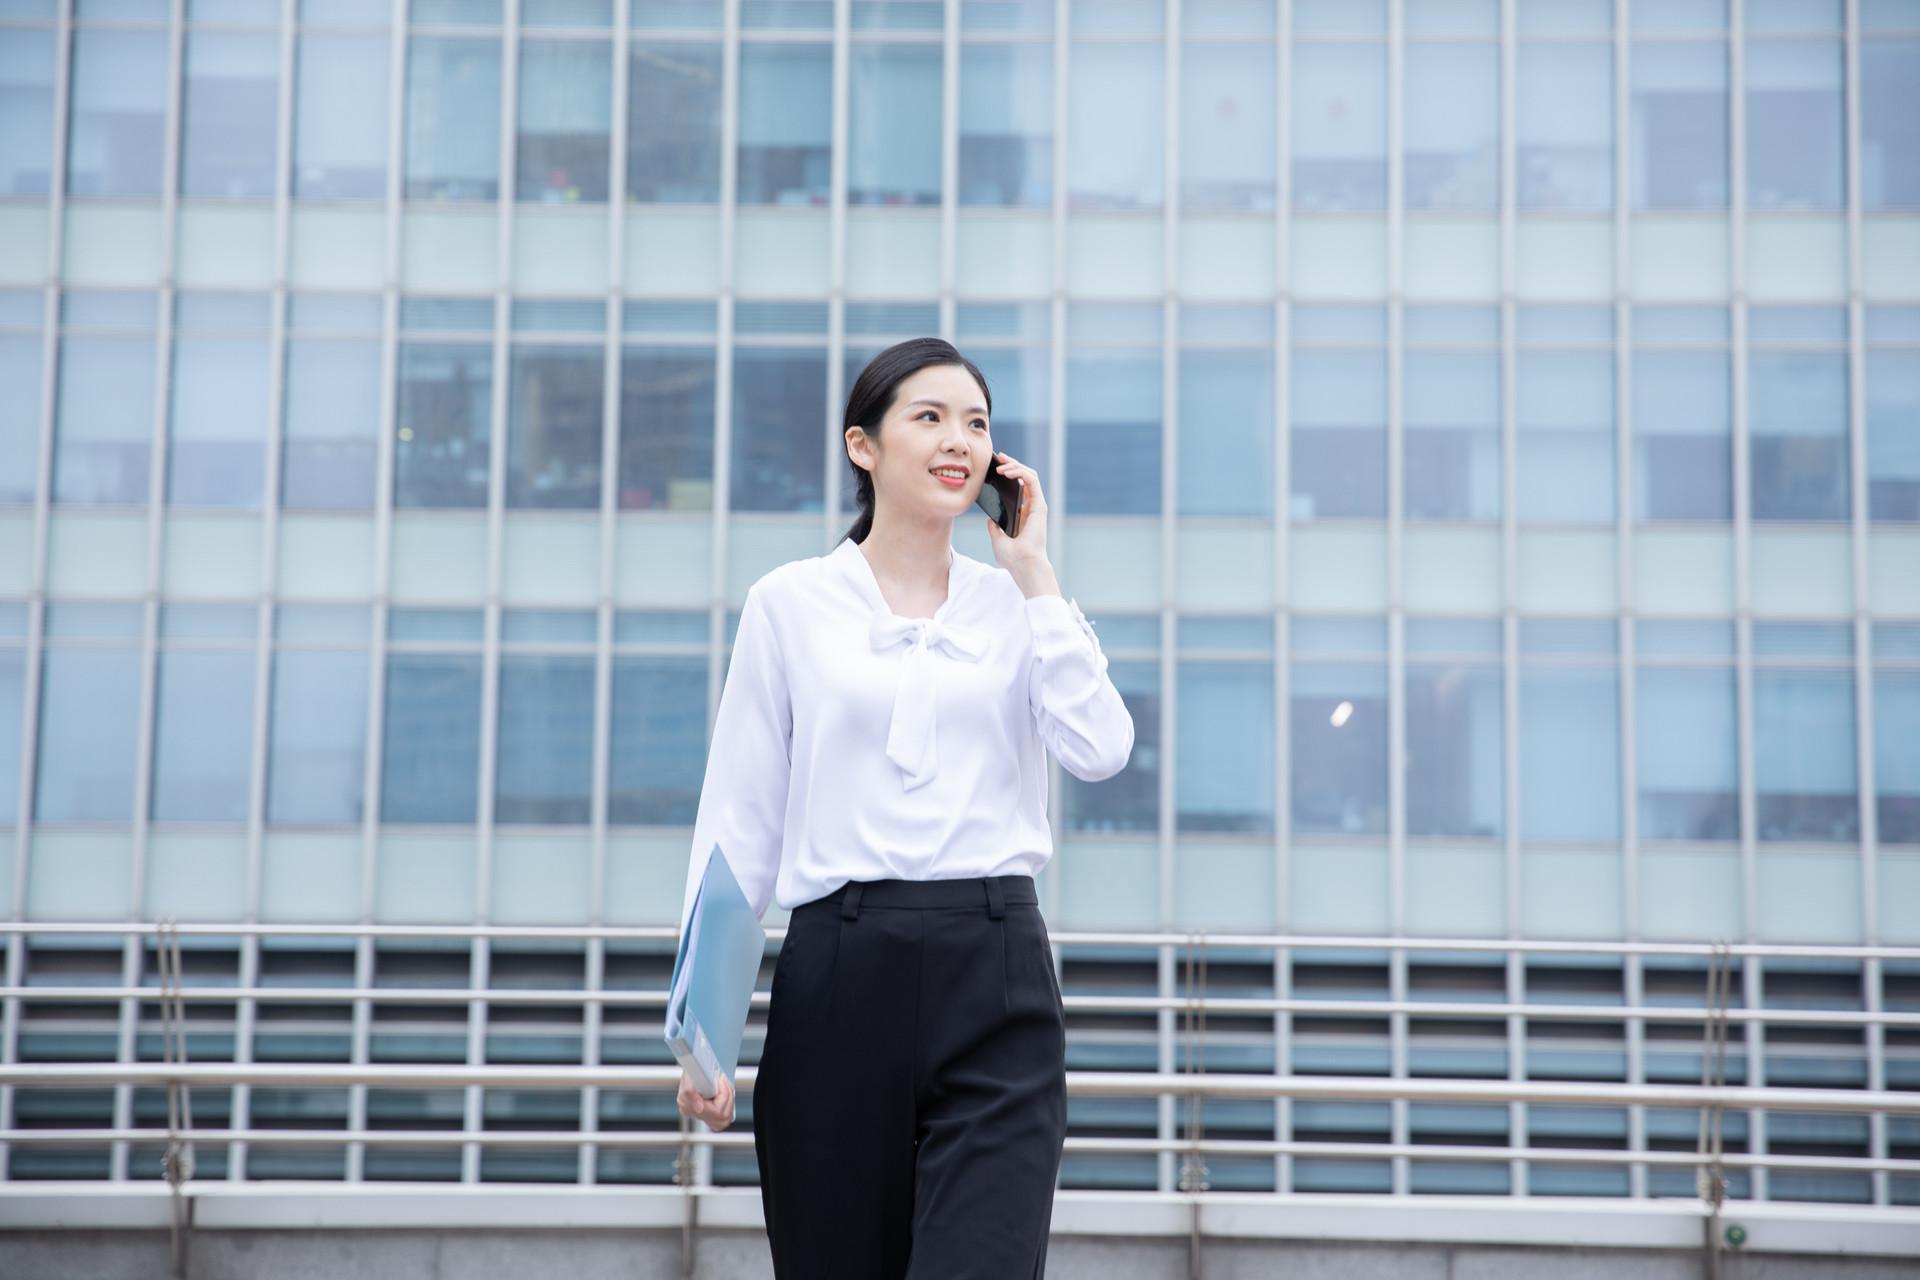 一个老员工的忠告:在职场别玩个性,听话照